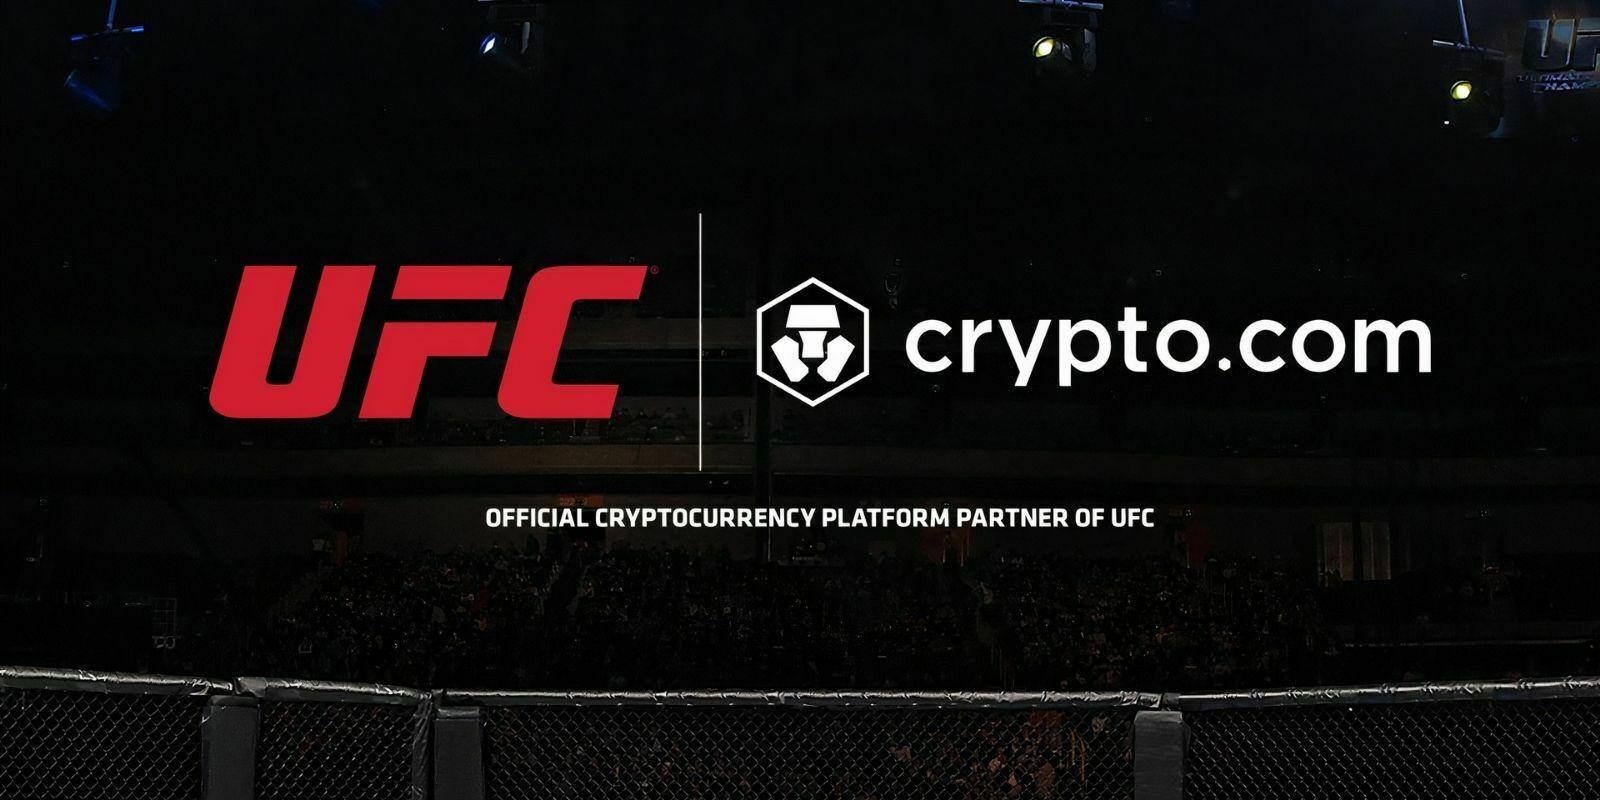 Crypto.com (CRO) devient le sponsor officiel de l'UFC pour les tenues de combat